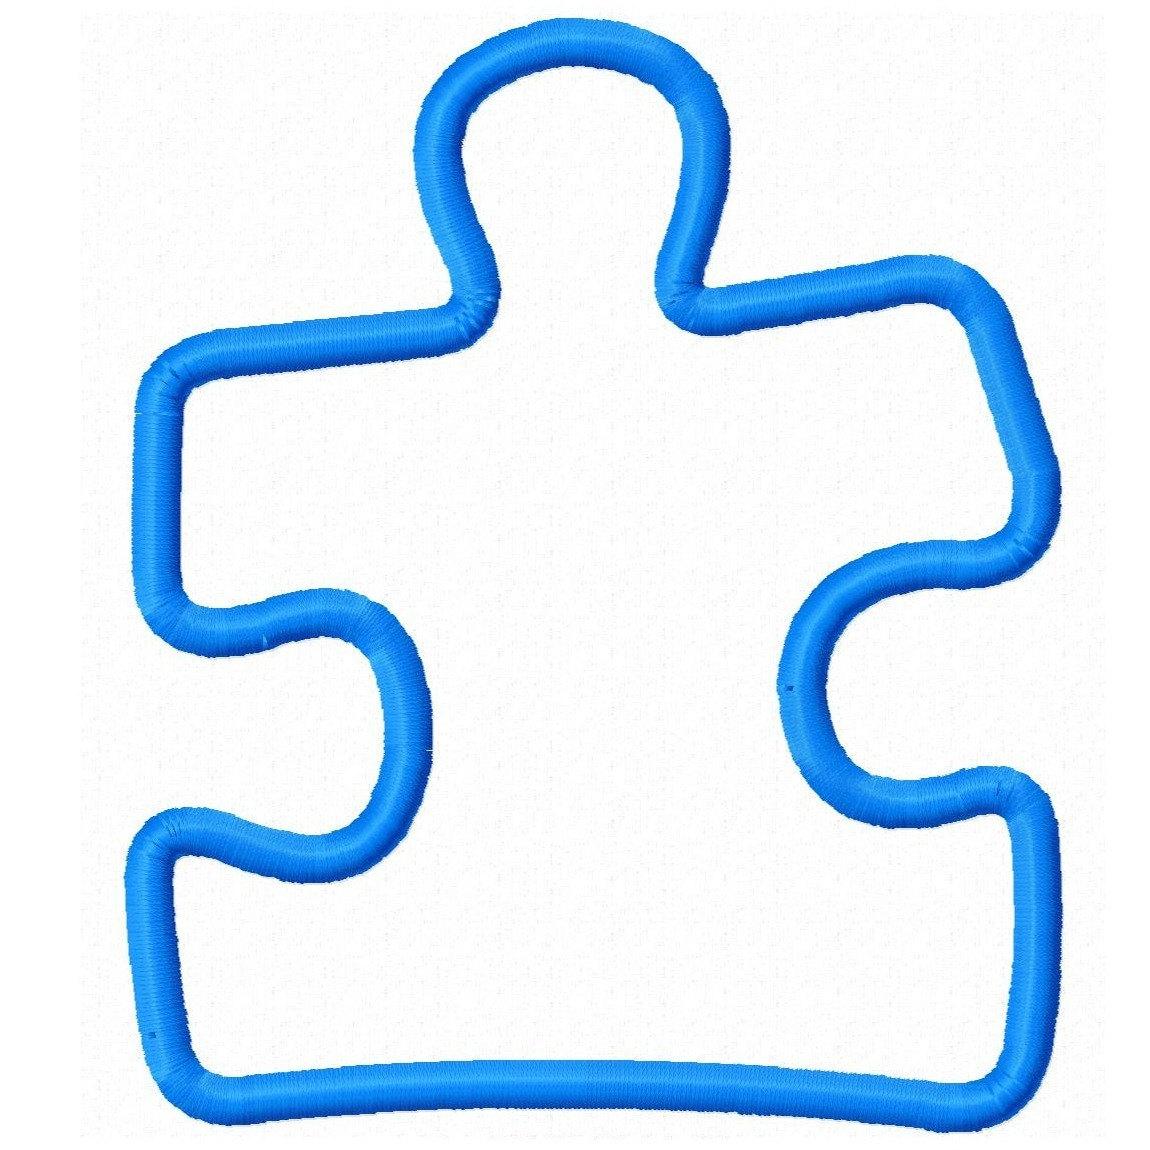 Puzzle Piece Clipart | Free Download Best Puzzle Piece Clipart On - Printable Autism Puzzle Piece